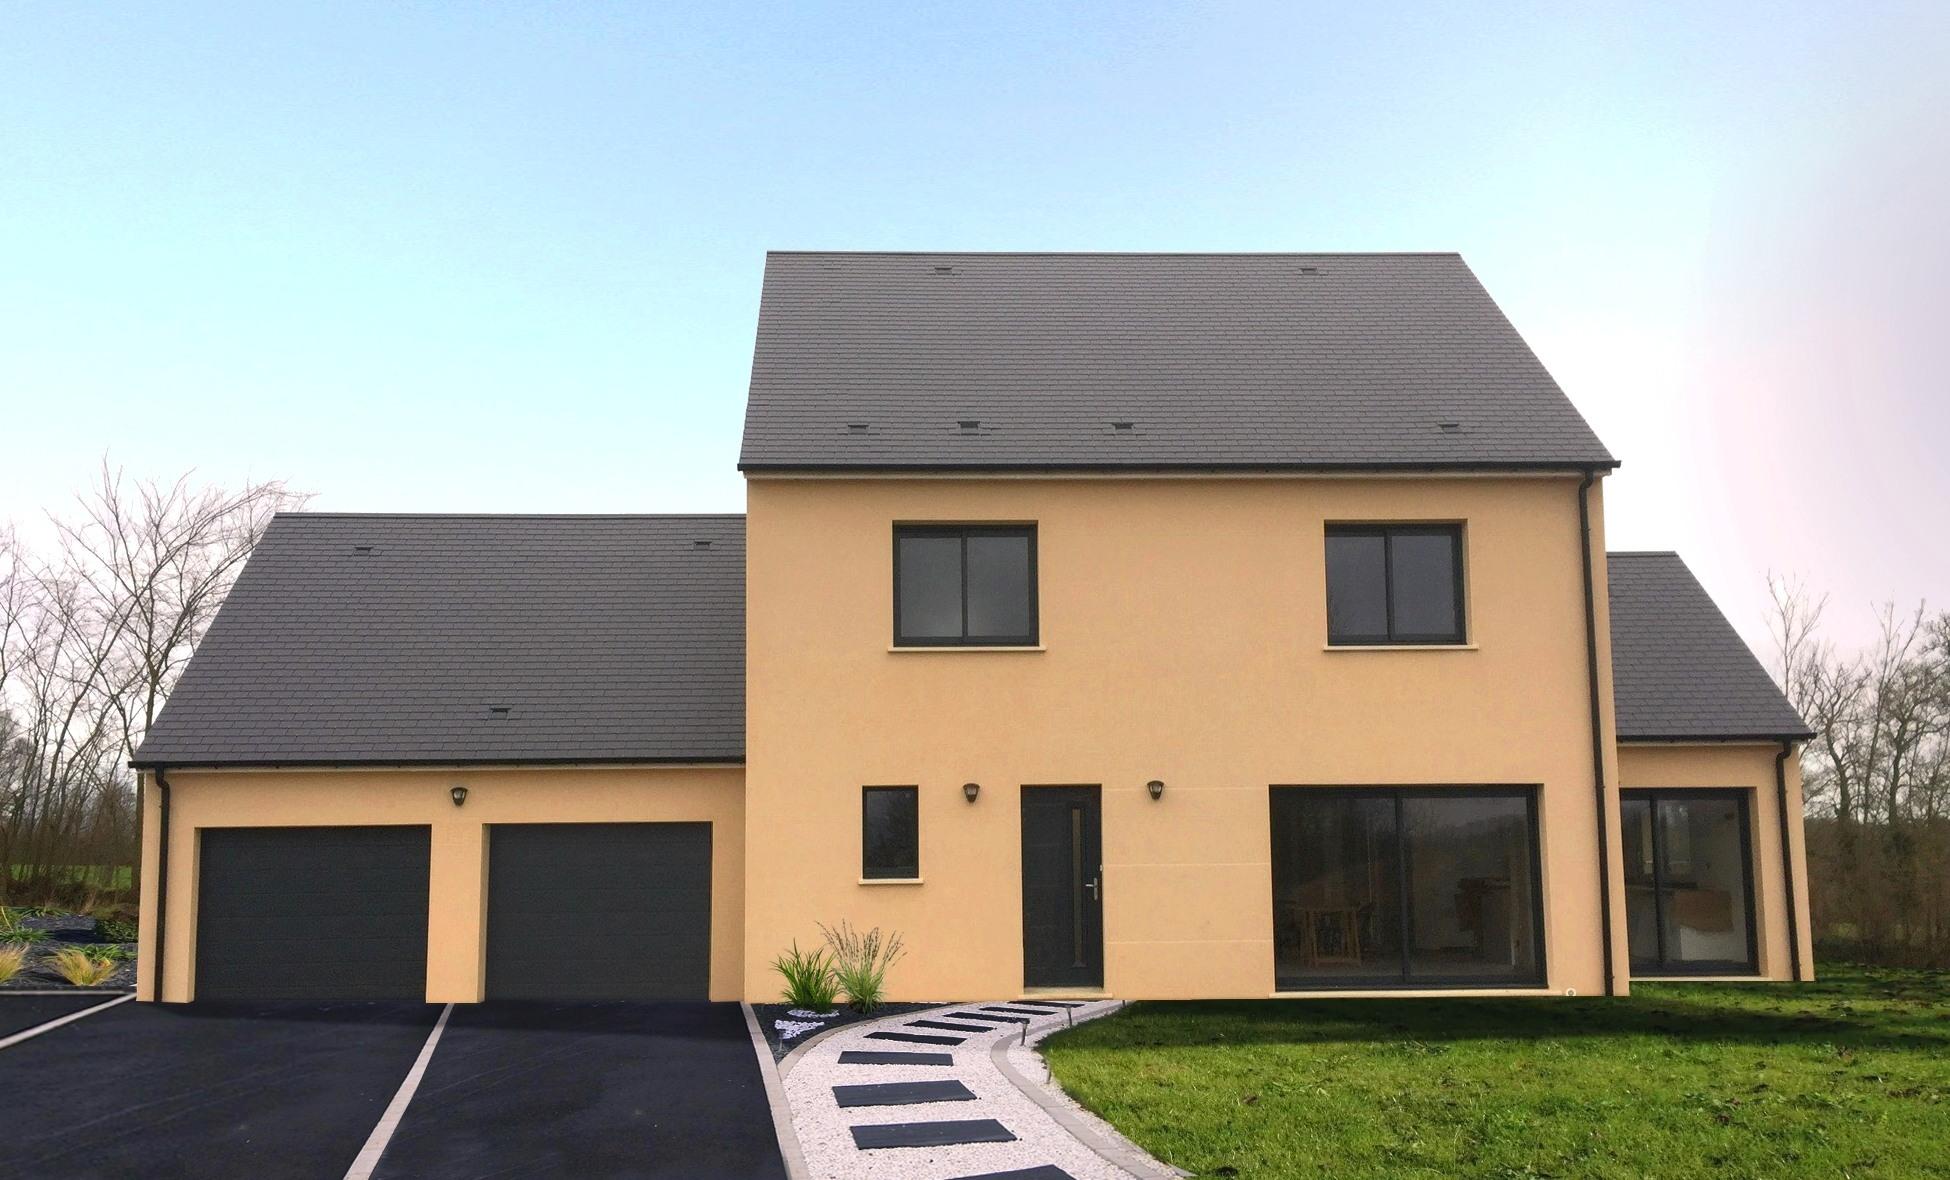 Maisons + Terrains du constructeur GEOXIA NORD OUEST • 154 m² • SAINT AUBIN EPINAY